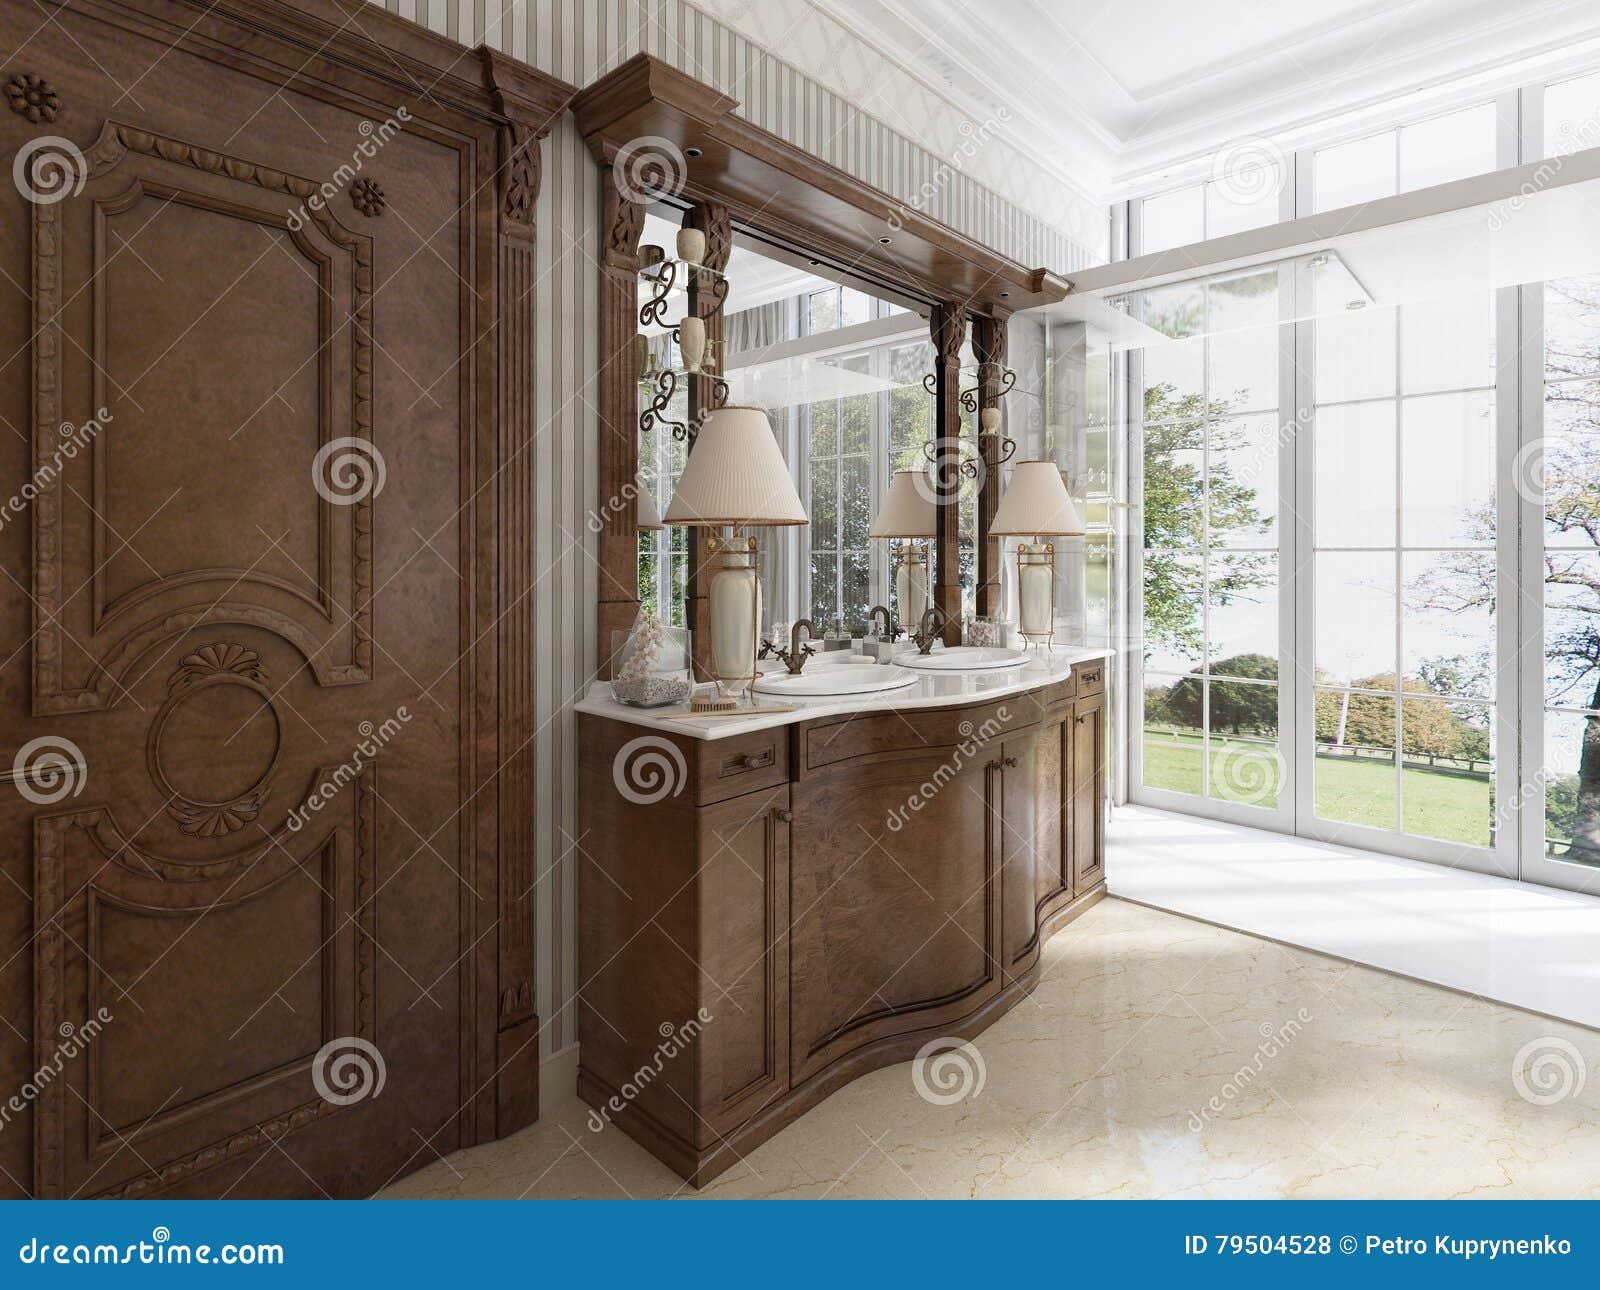 Muebles Neocl Sicos De Lujo En Estilo Moderno En El Cuarto De Ba O  # Muebles Neoclasicos